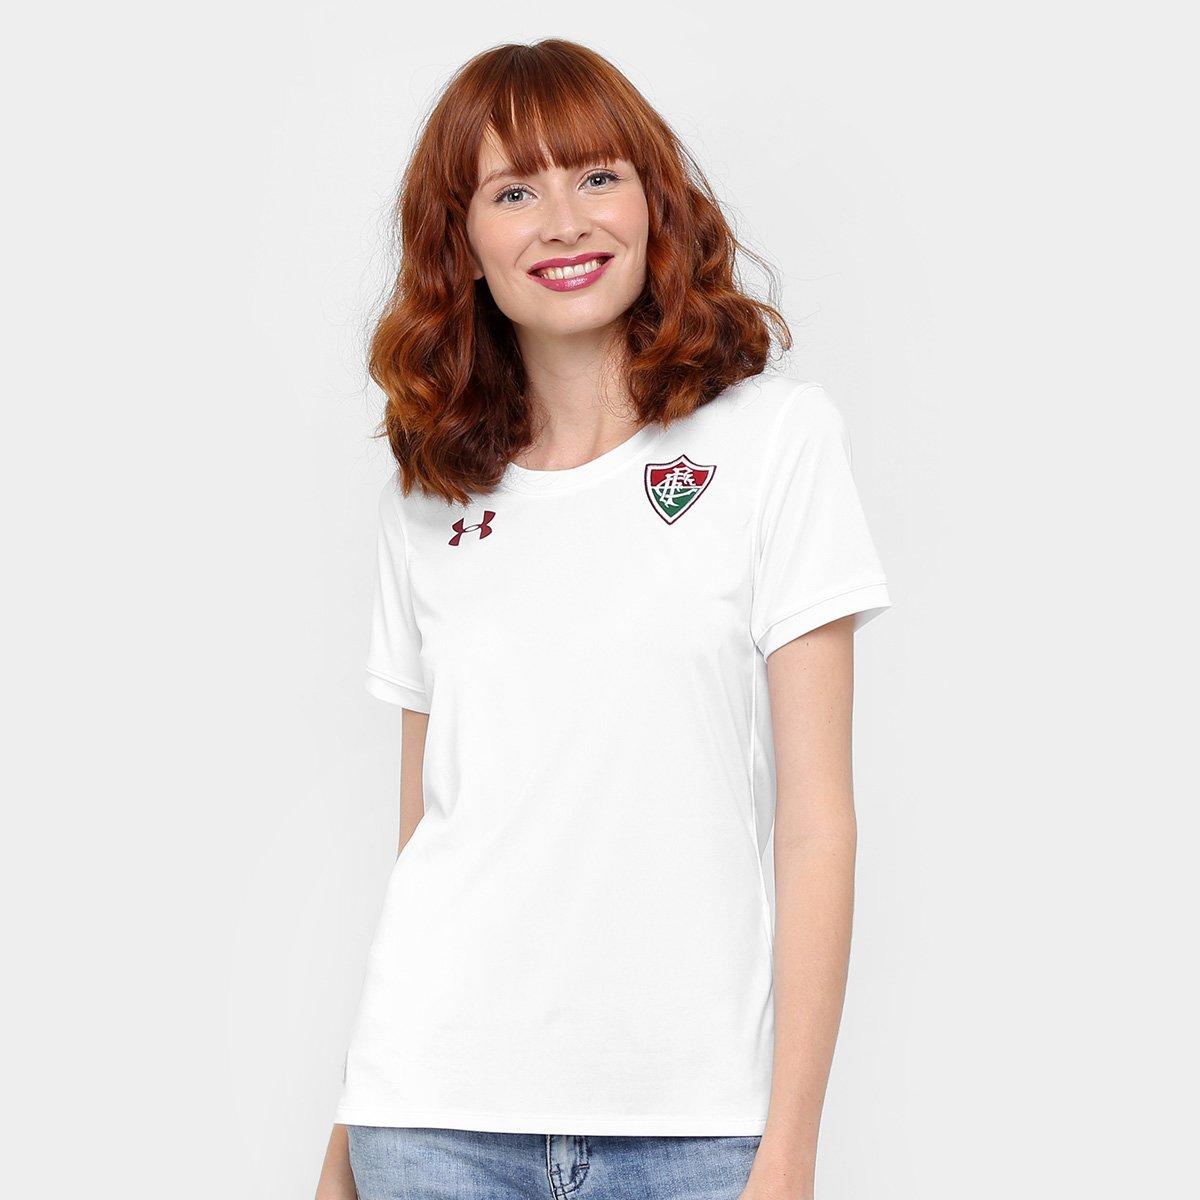 Armour Torcedor 17 18 nº II Fluminense Branco Feminina s Camisa Under qUY8E